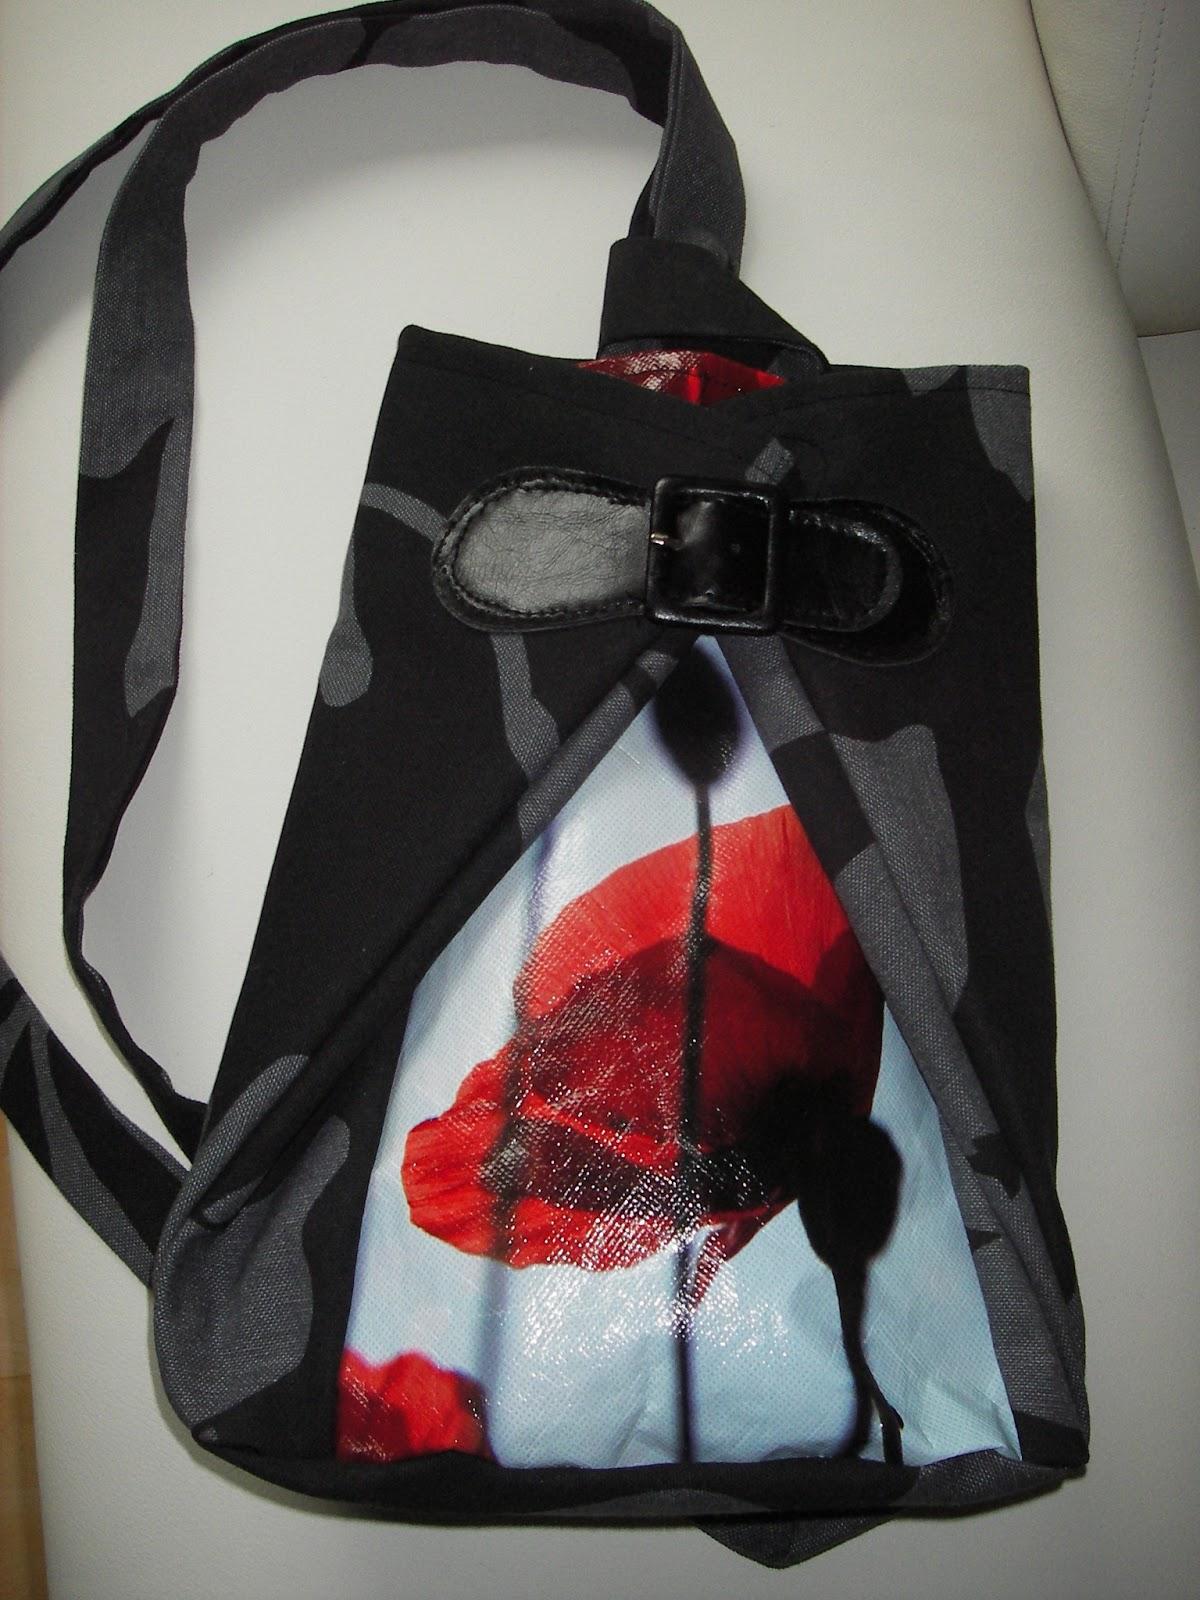 schnittmuster und n hanleitungen zum selber n hen handtaschen rucksack rucksack tasche. Black Bedroom Furniture Sets. Home Design Ideas